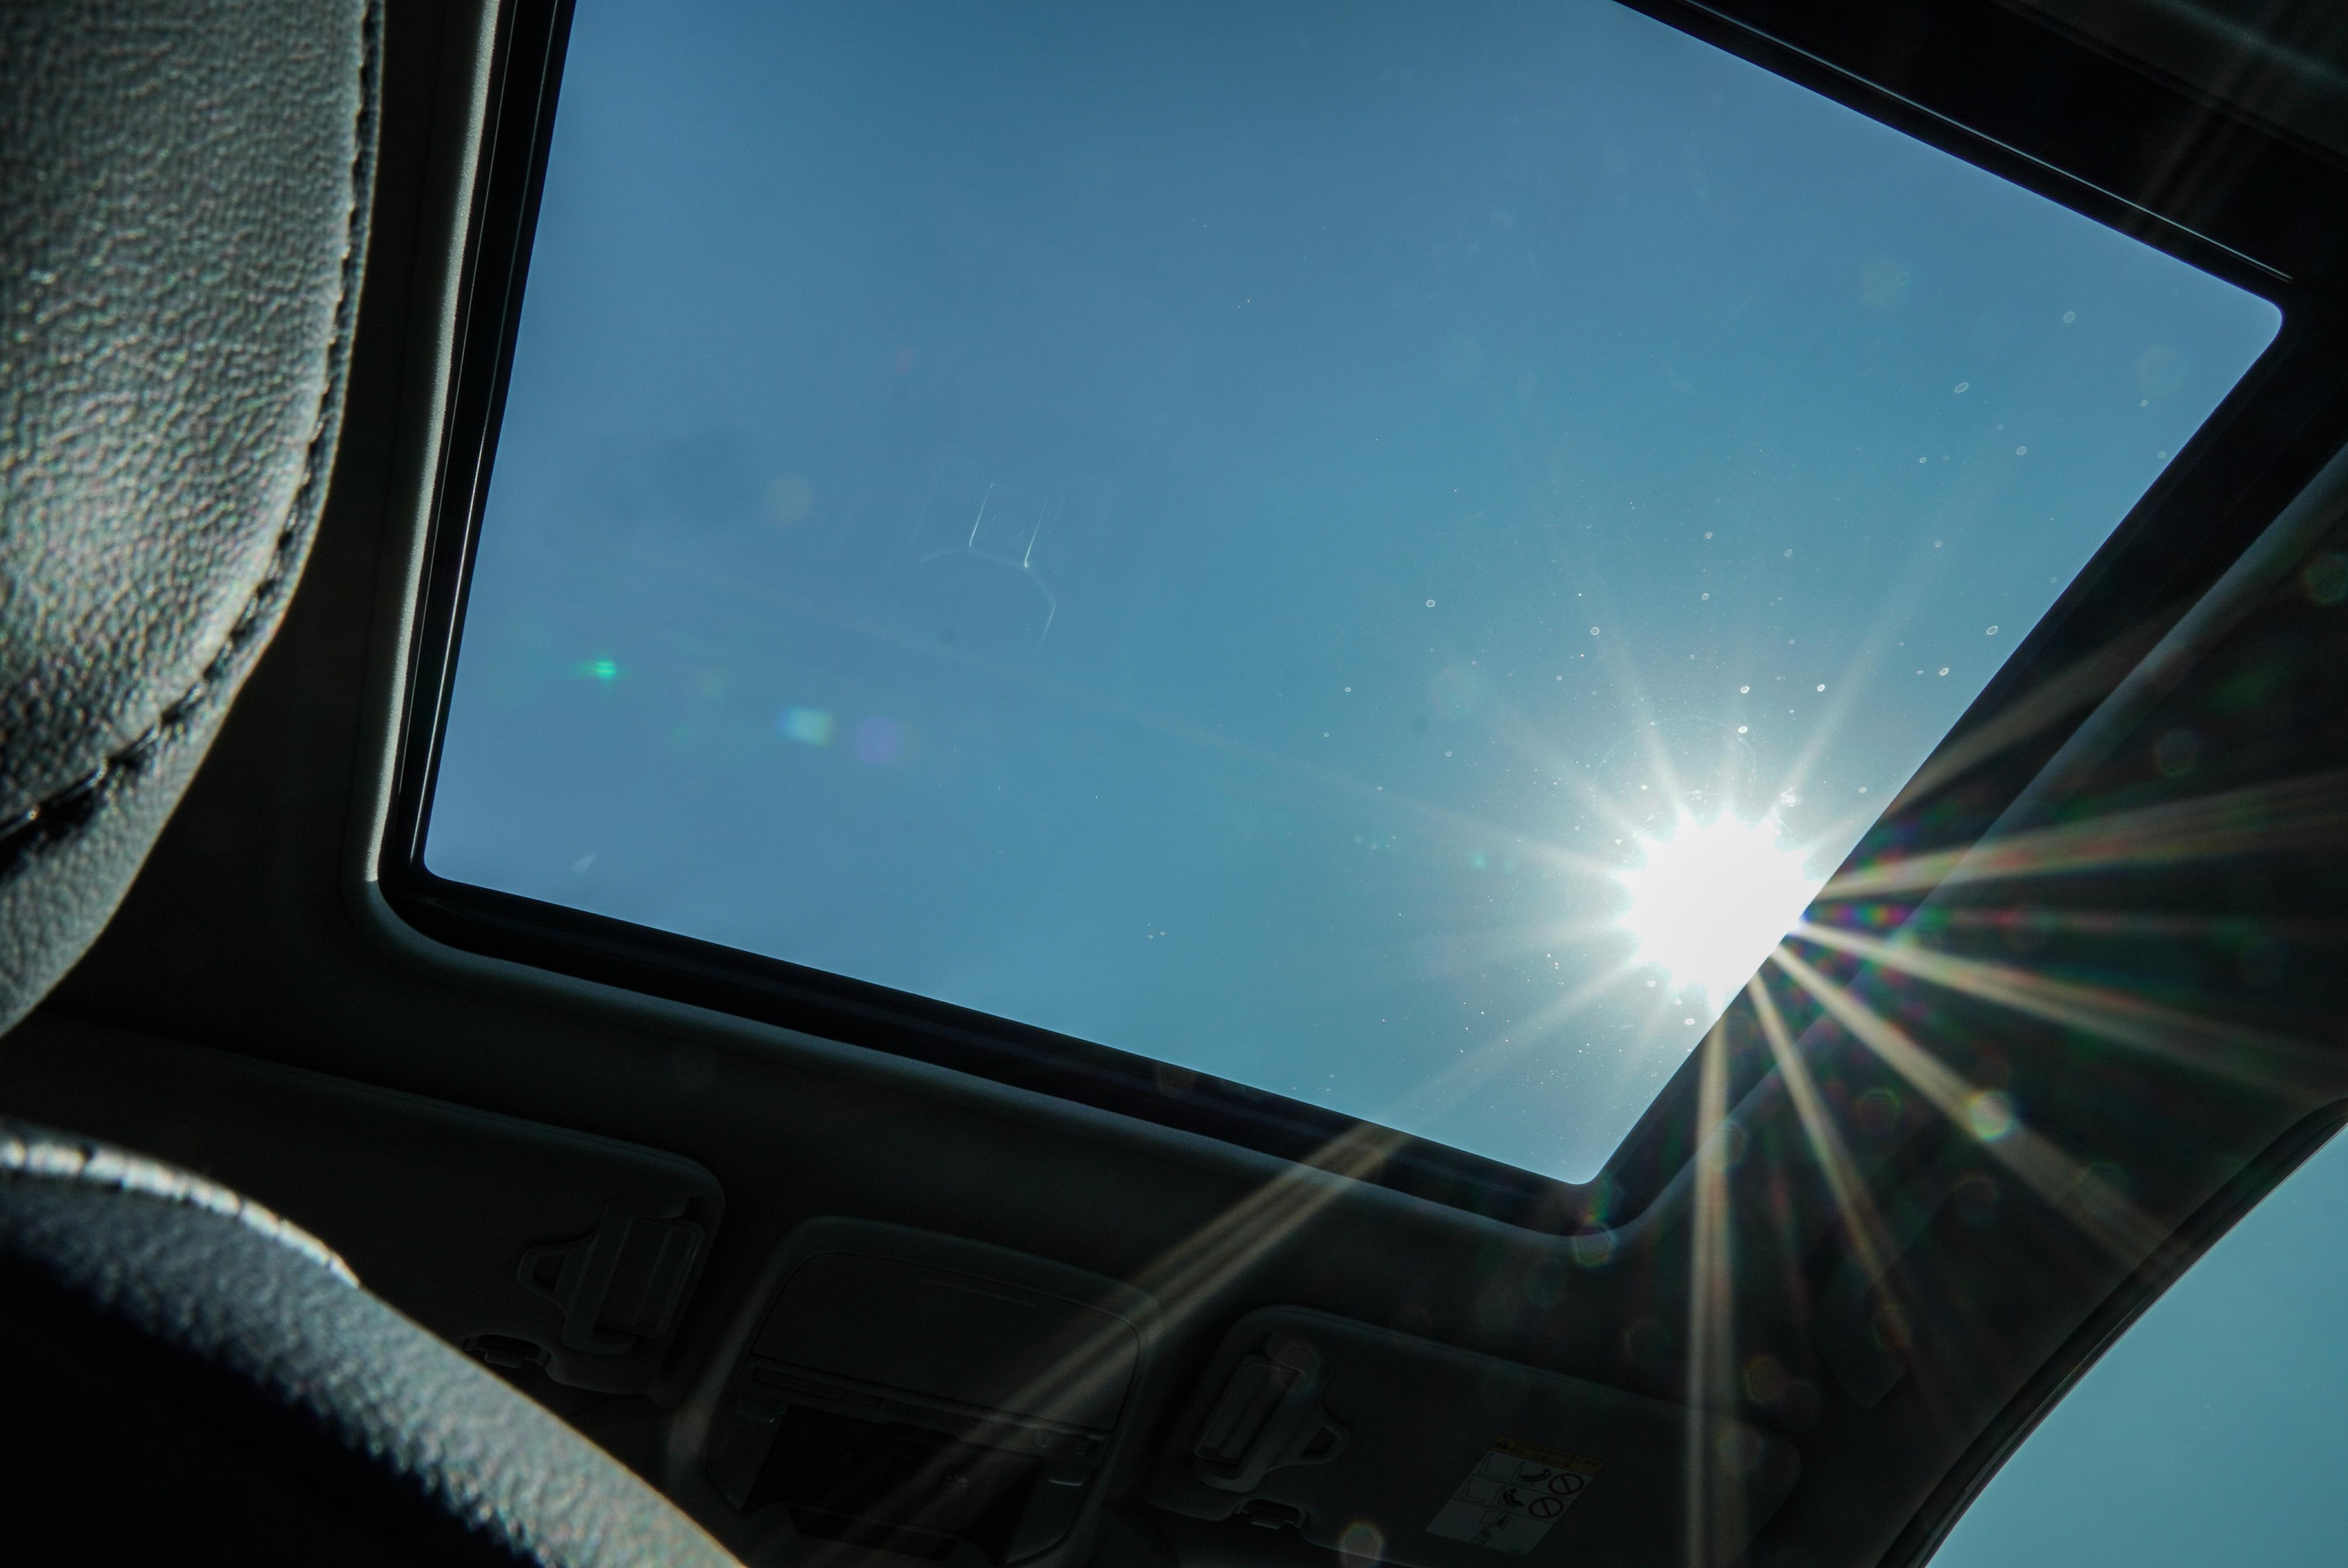 電動天窗為 2.0i-S Eyesight 才有的配備。